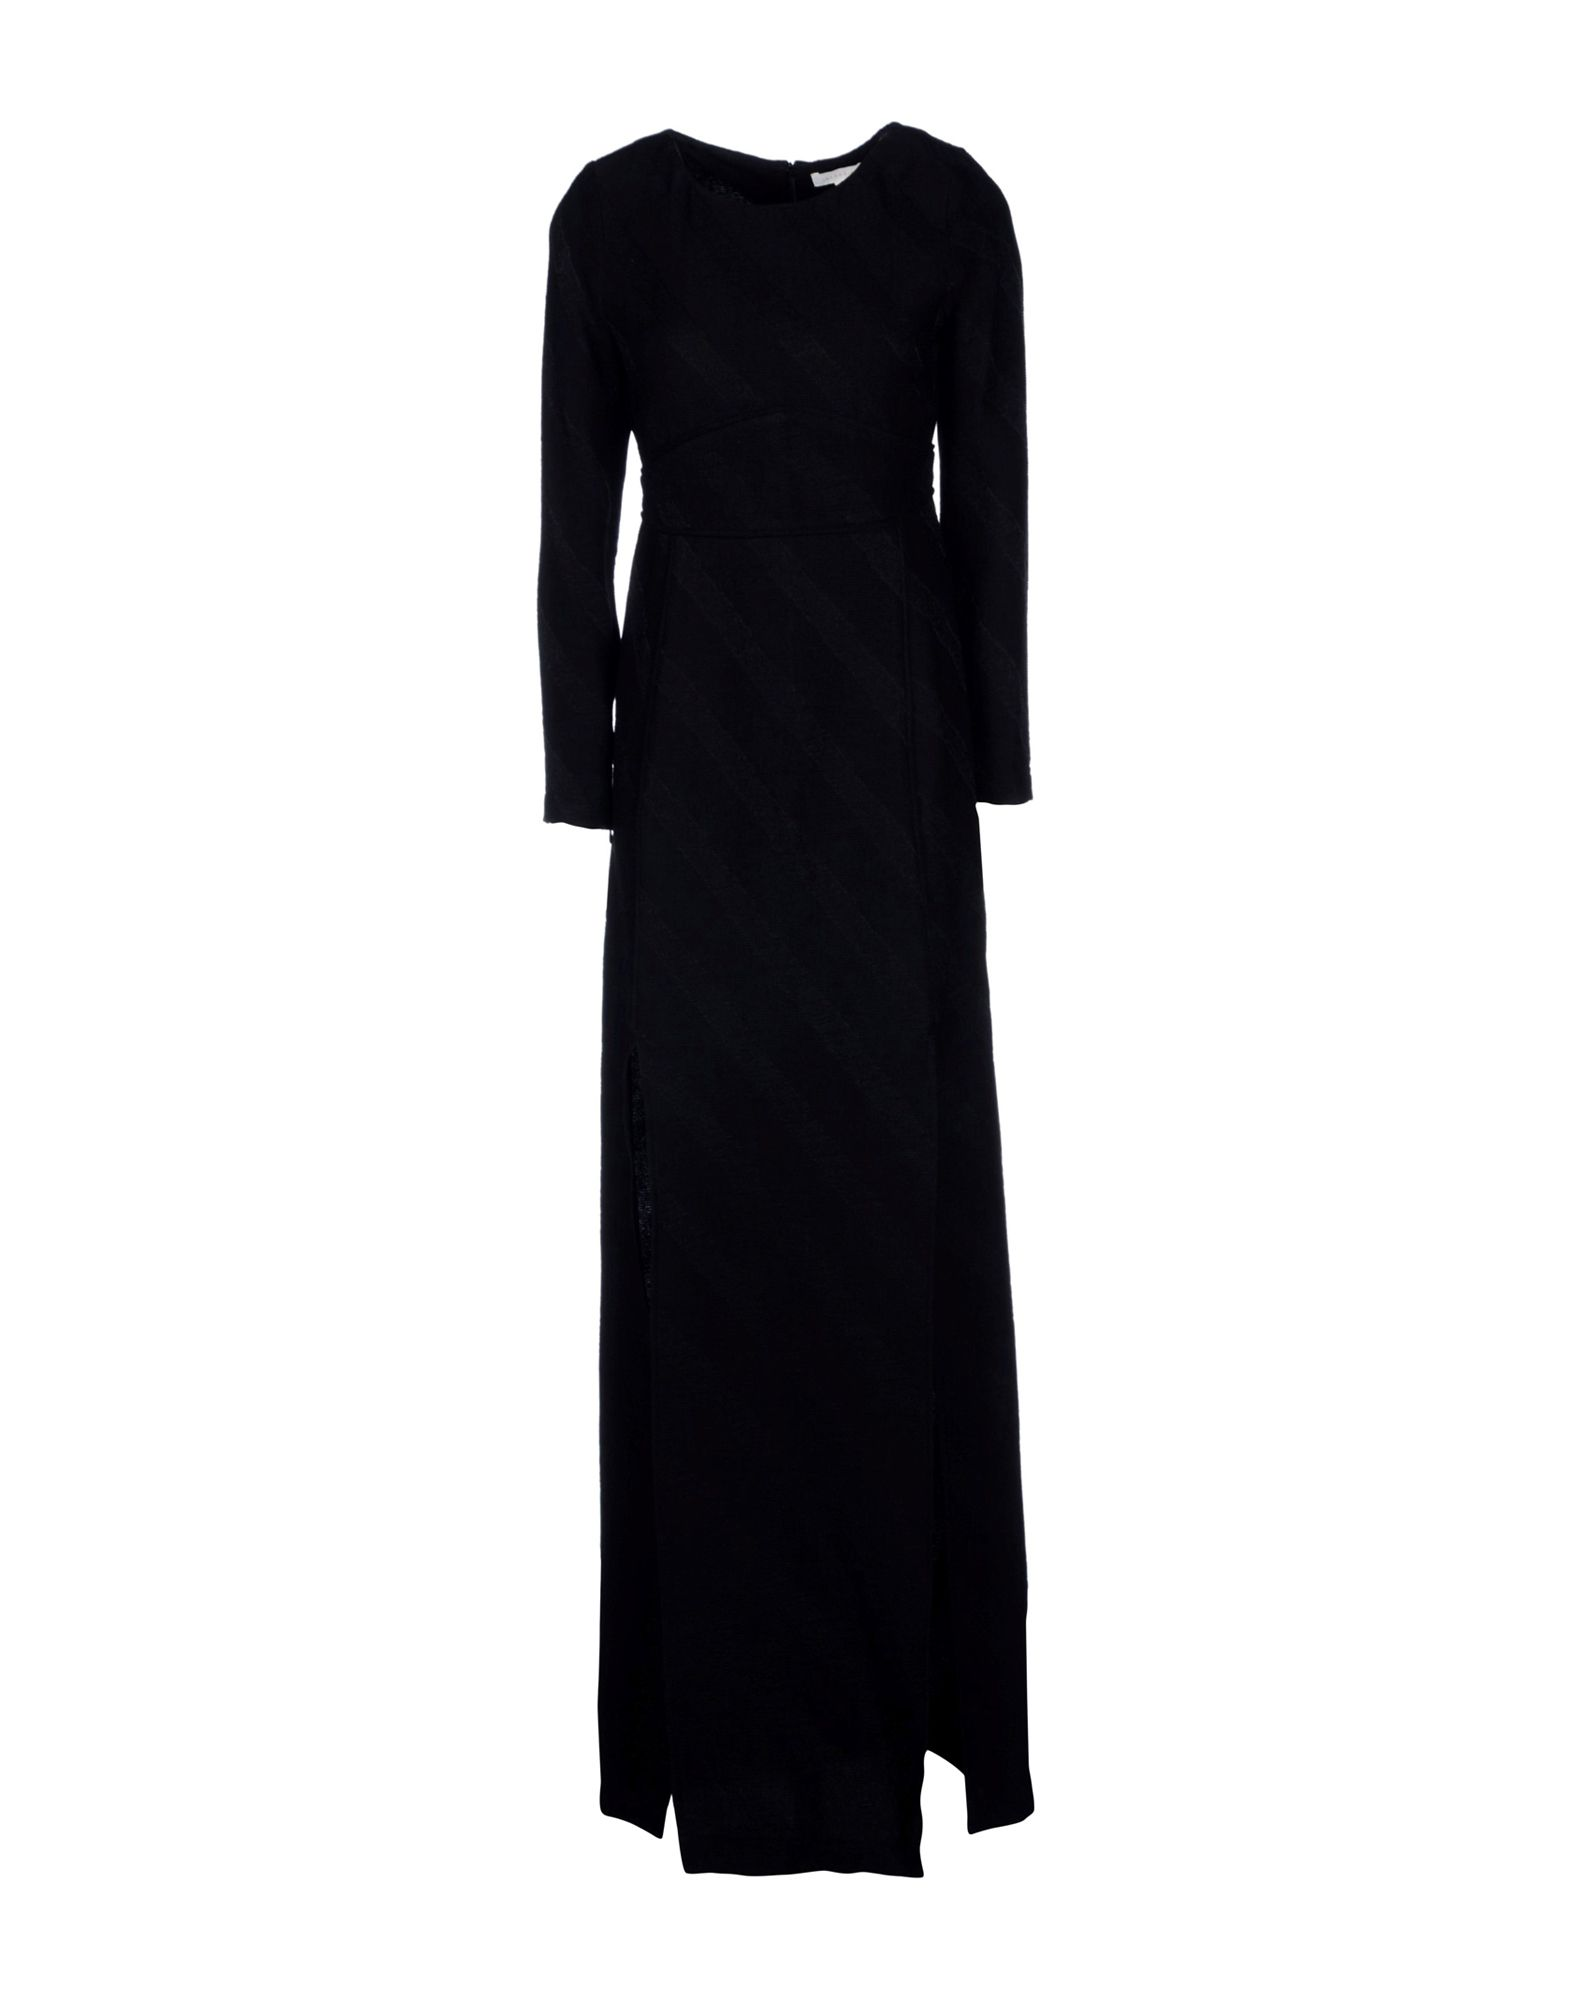 INTROPIA Длинное платье платье короткое спереди длинное сзади летнее